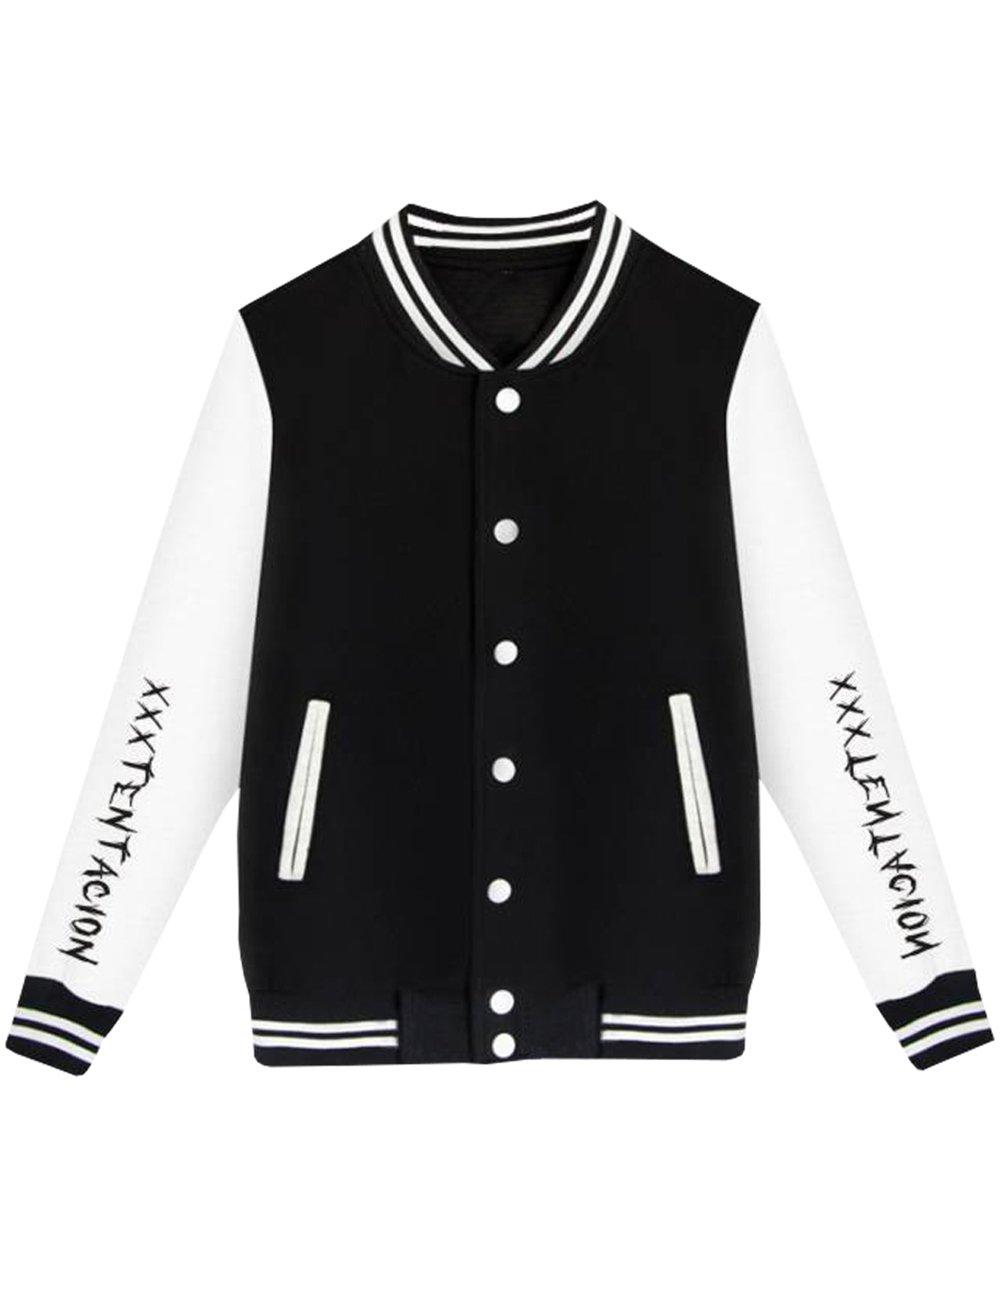 Detroital Unisex Xxxtentacion Baseball Jacket Sad Heart Graphic Rap Sweatshirt Black L